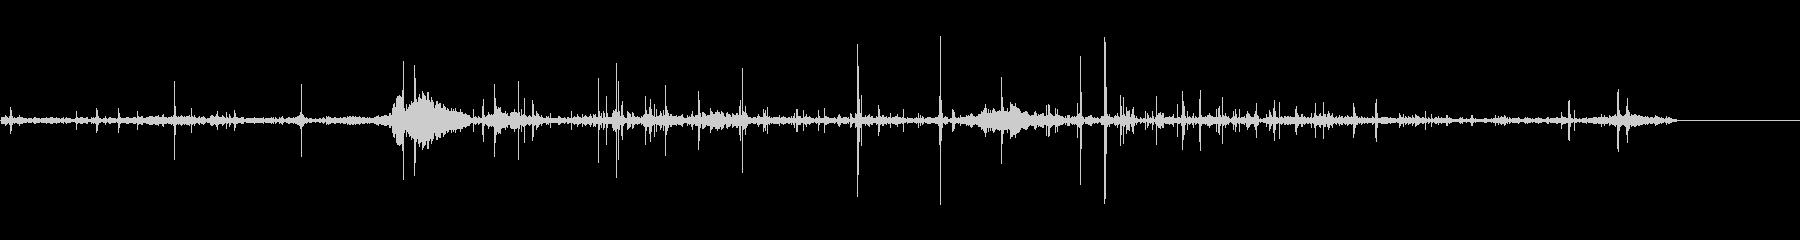 カータイヤフラット;大きなきしみ音...の未再生の波形